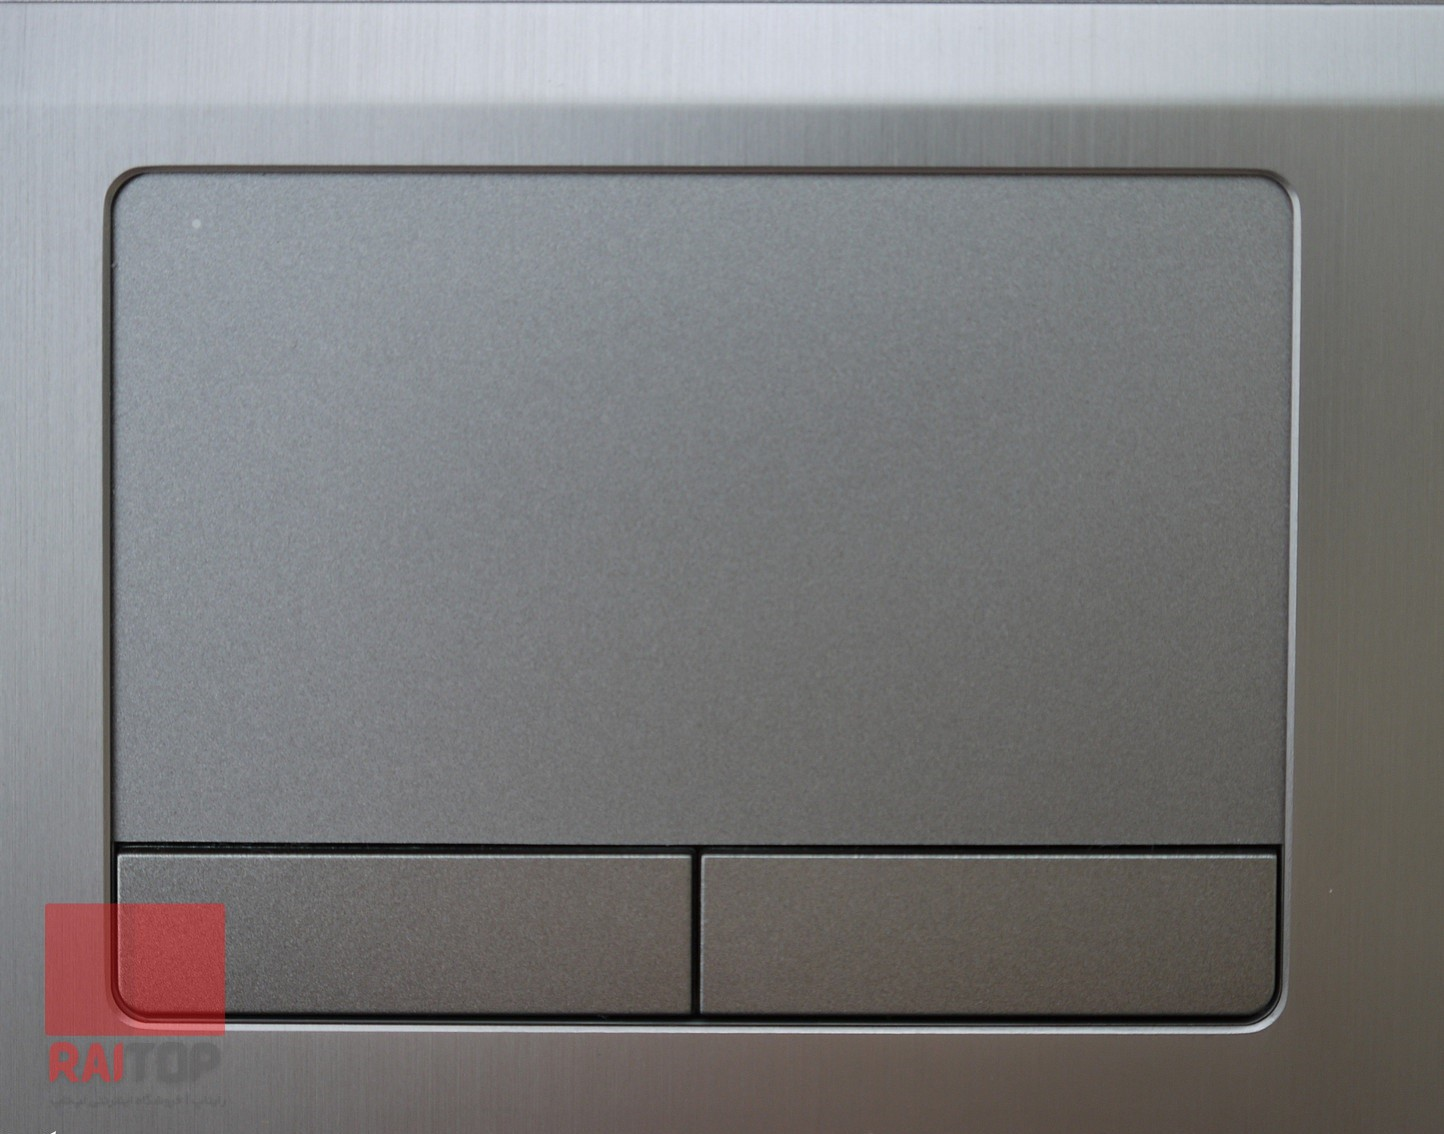 لپ تاپ استوک 17 اینچی HP مدل ProBook 4740s تاچ پد